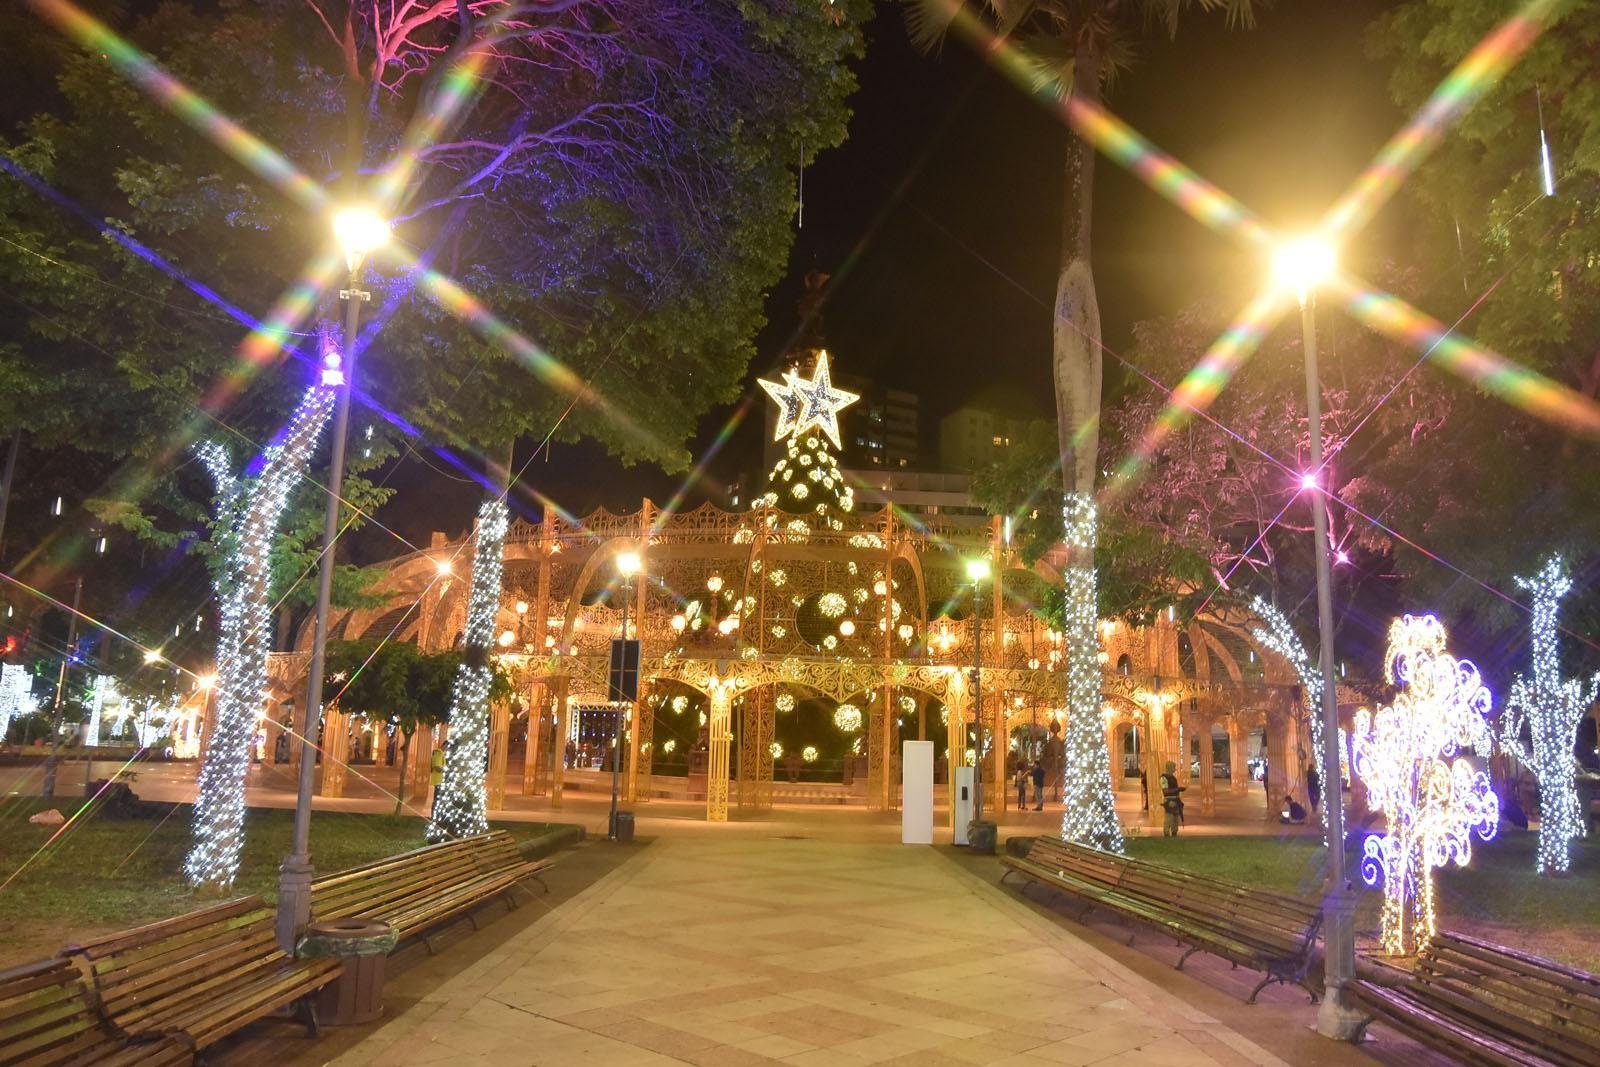 Em menos de 24 horas, mais de 35 mil pessoas agendam visita na decoração de natal no Campo Grande, em Salvador